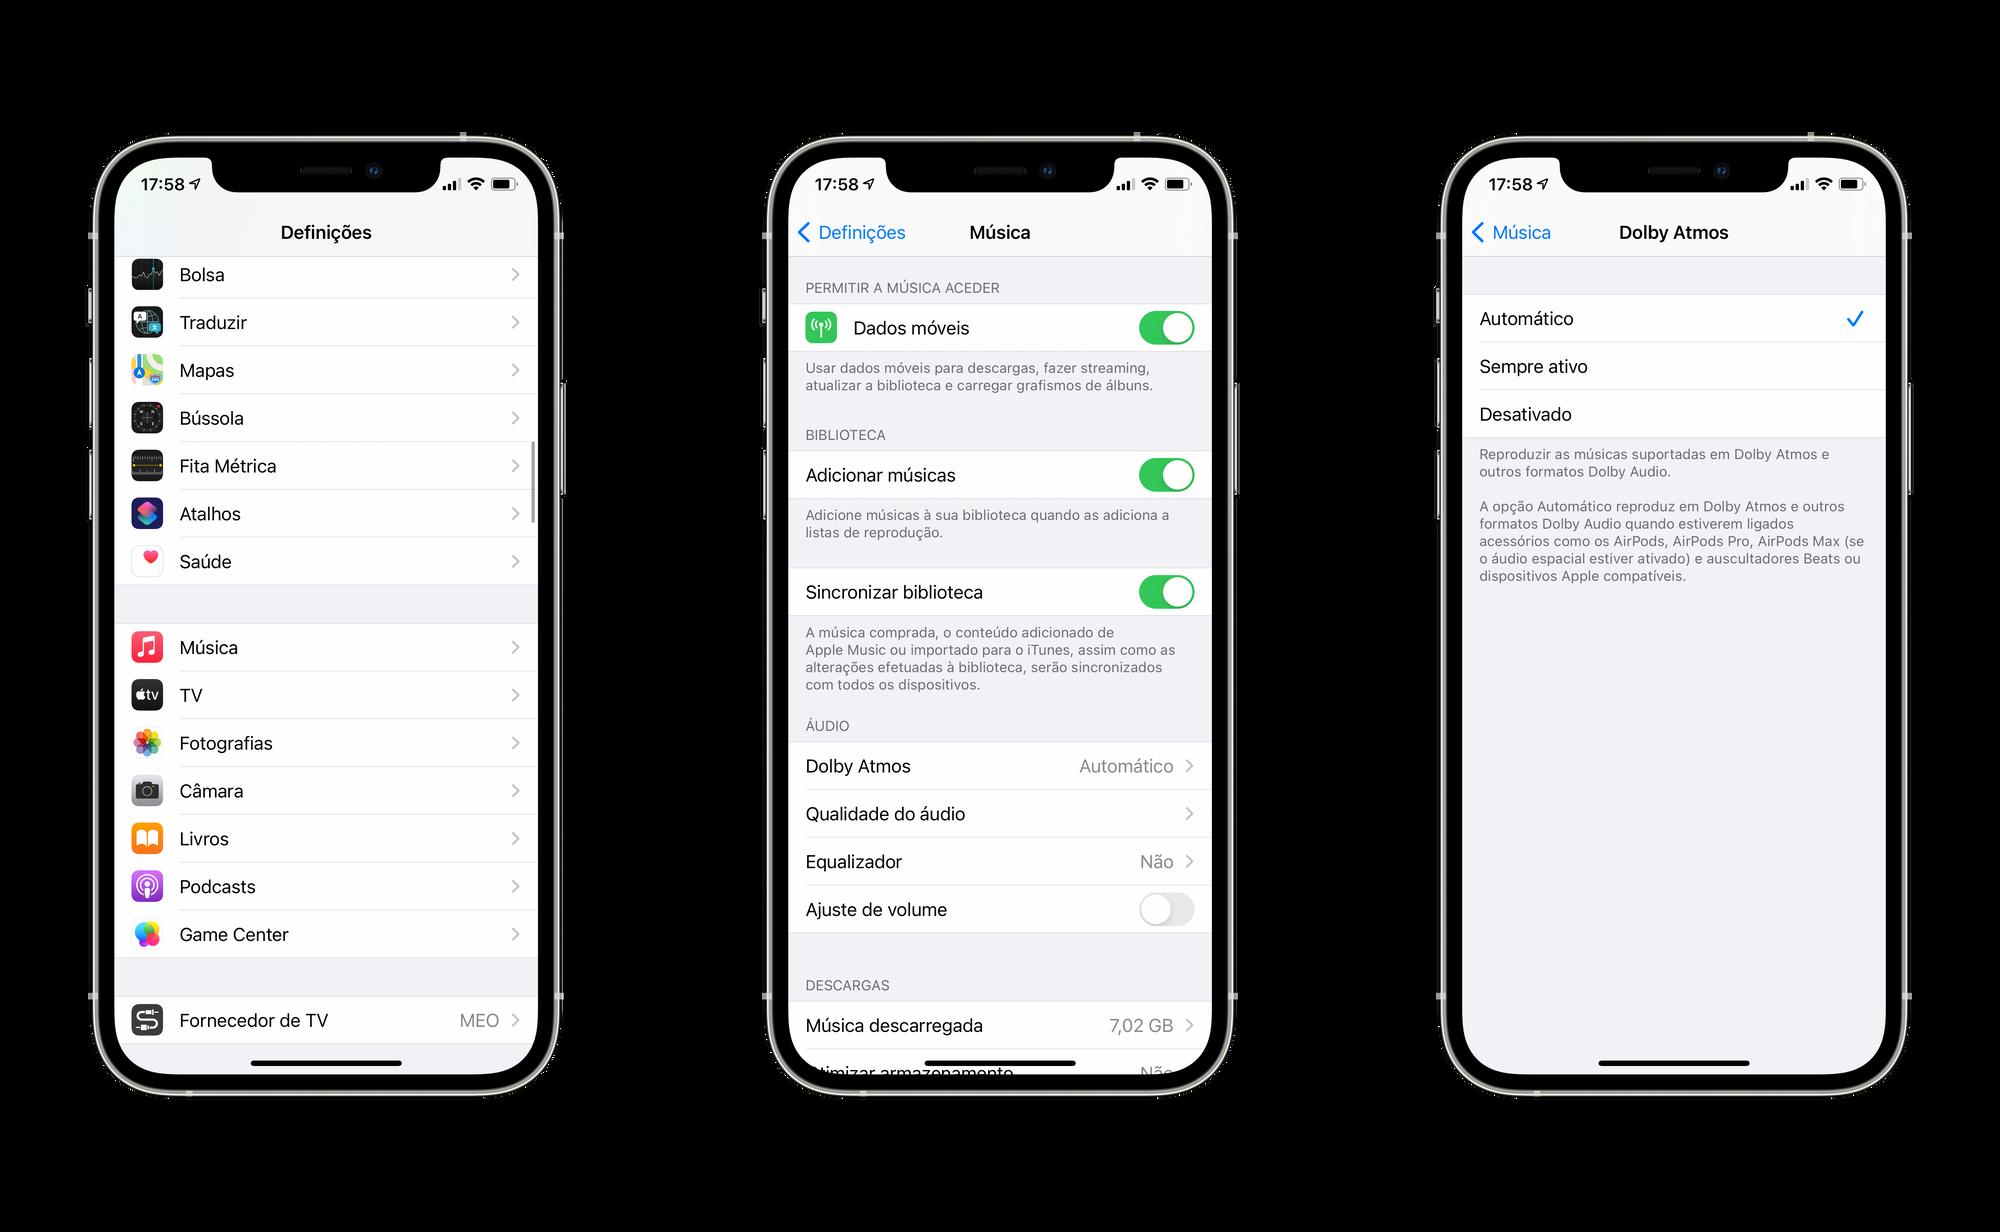 """Forçar o Áudio Espacial a estar """"sempre ativo"""" nas definições no iOS 14.6"""